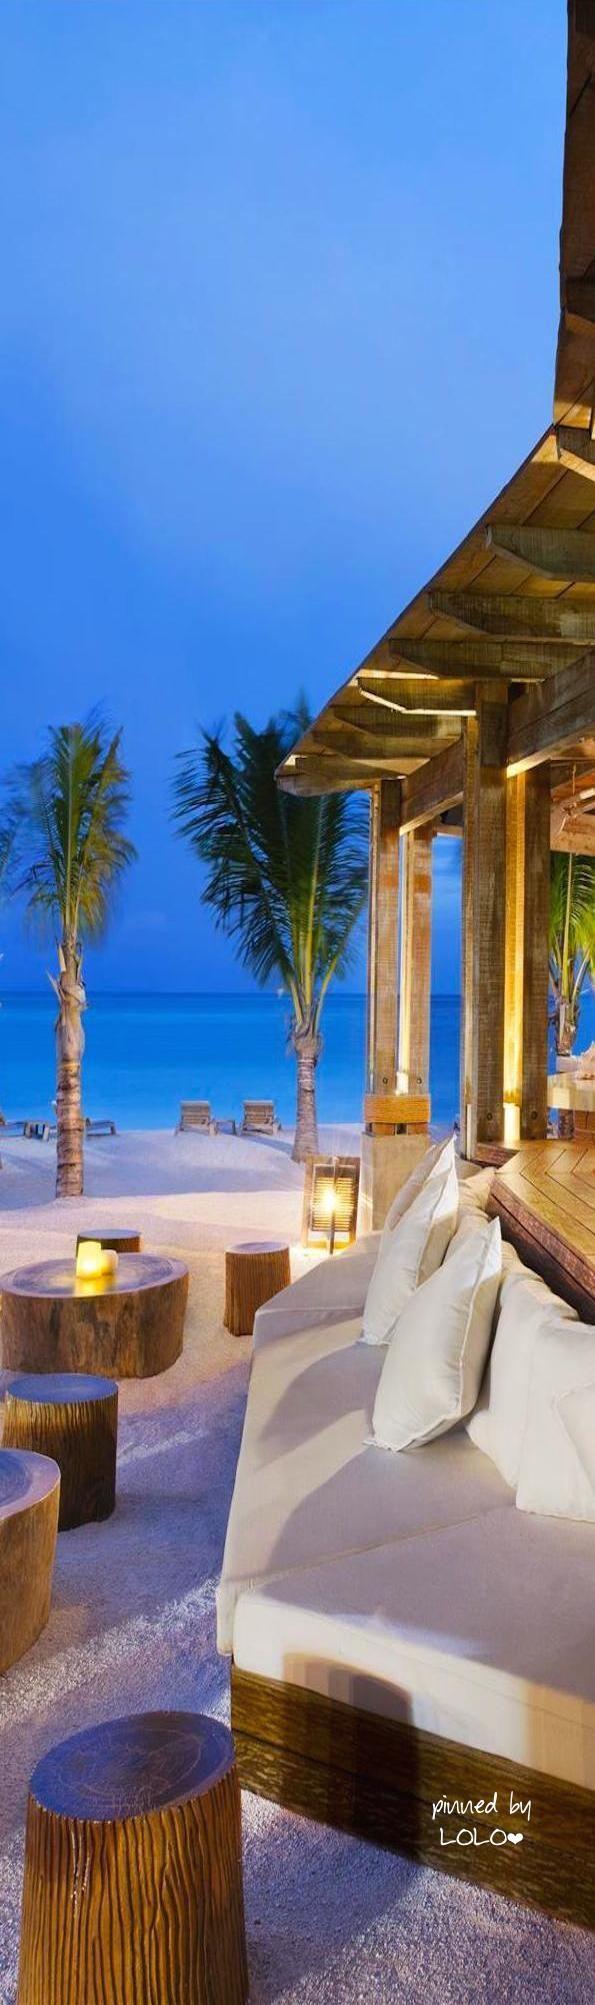 The St. Regis Mauritius Resort  | LOLO